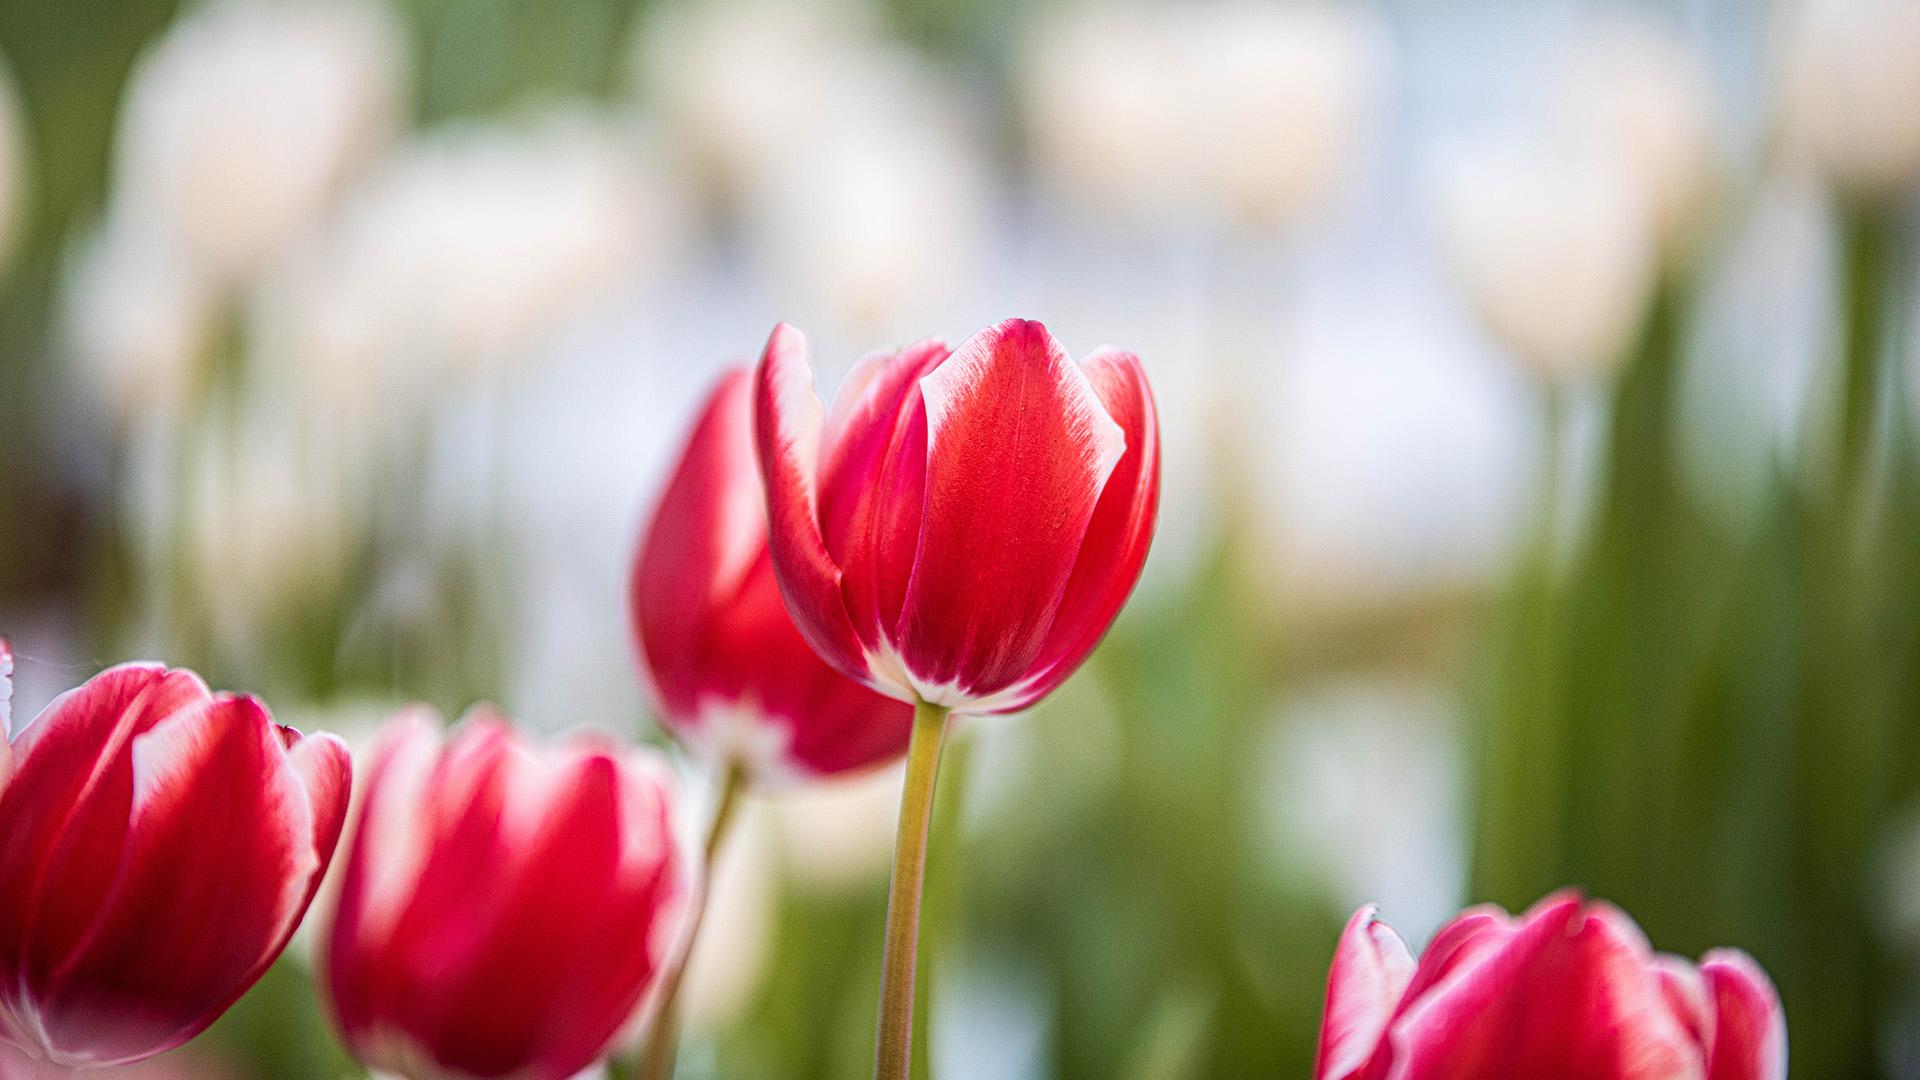 Según los expertos, las de color rojo simbolizan la pasión y amor